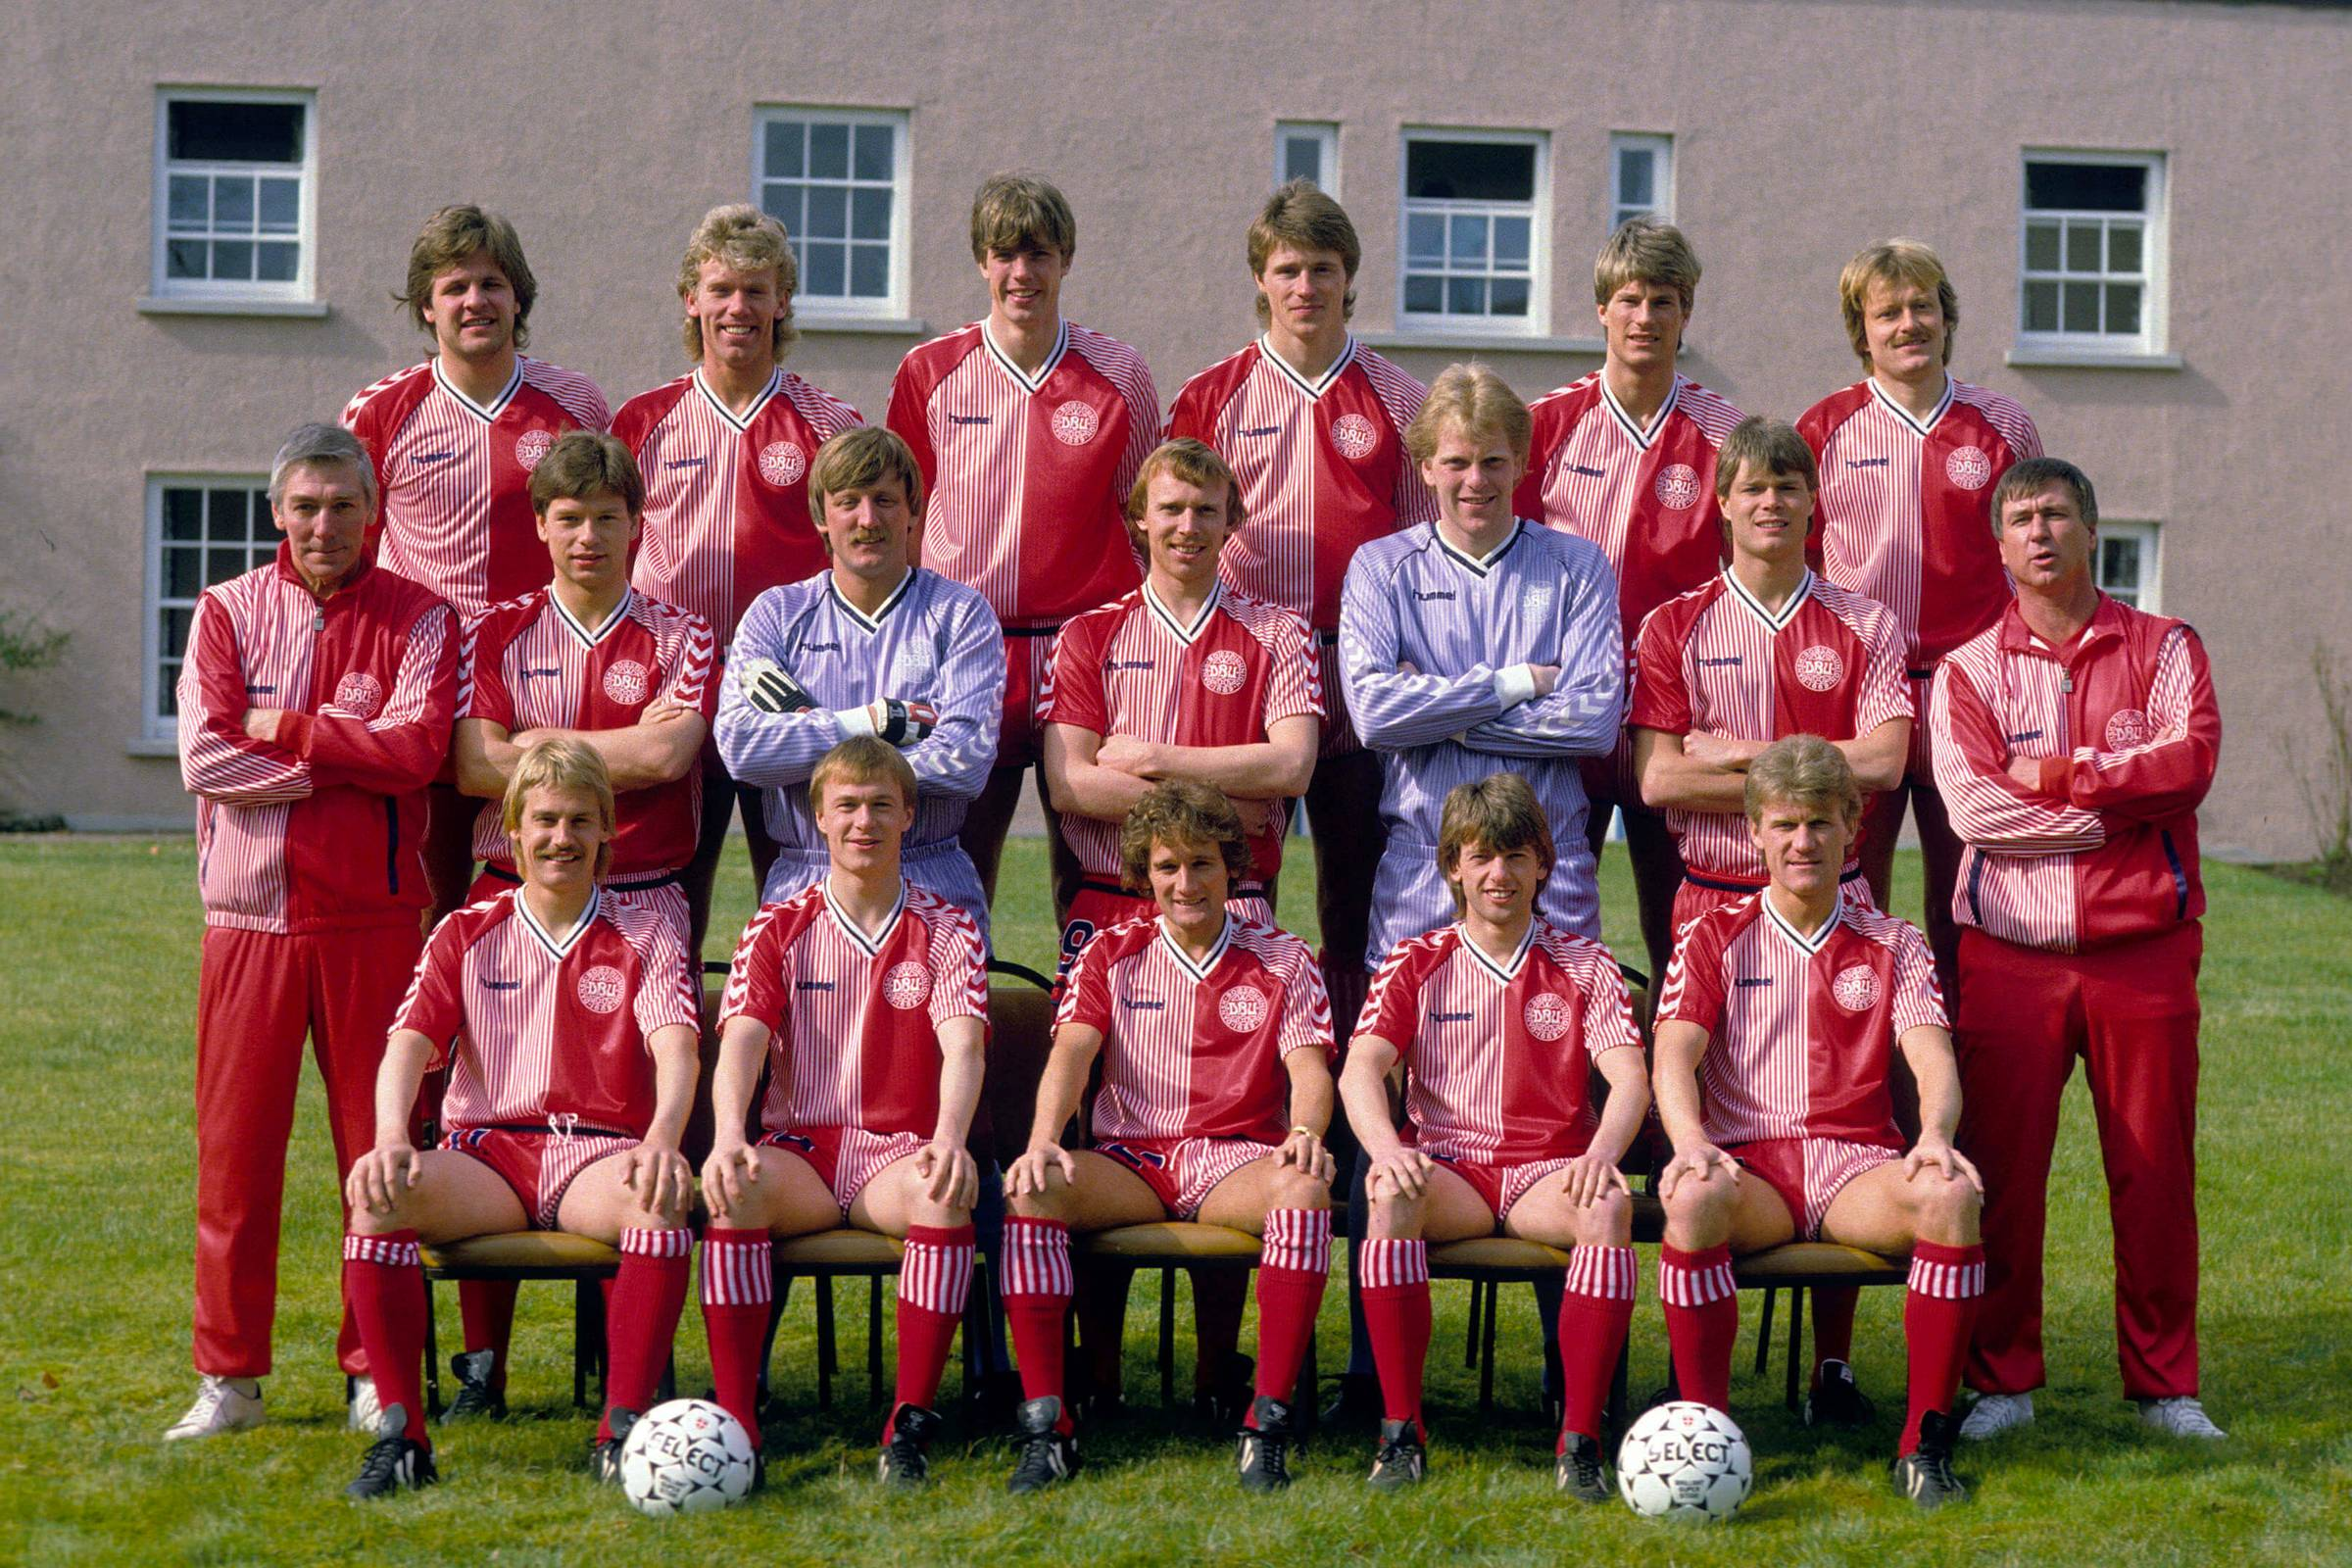 Домашняя форма сборной Дании 1986 года